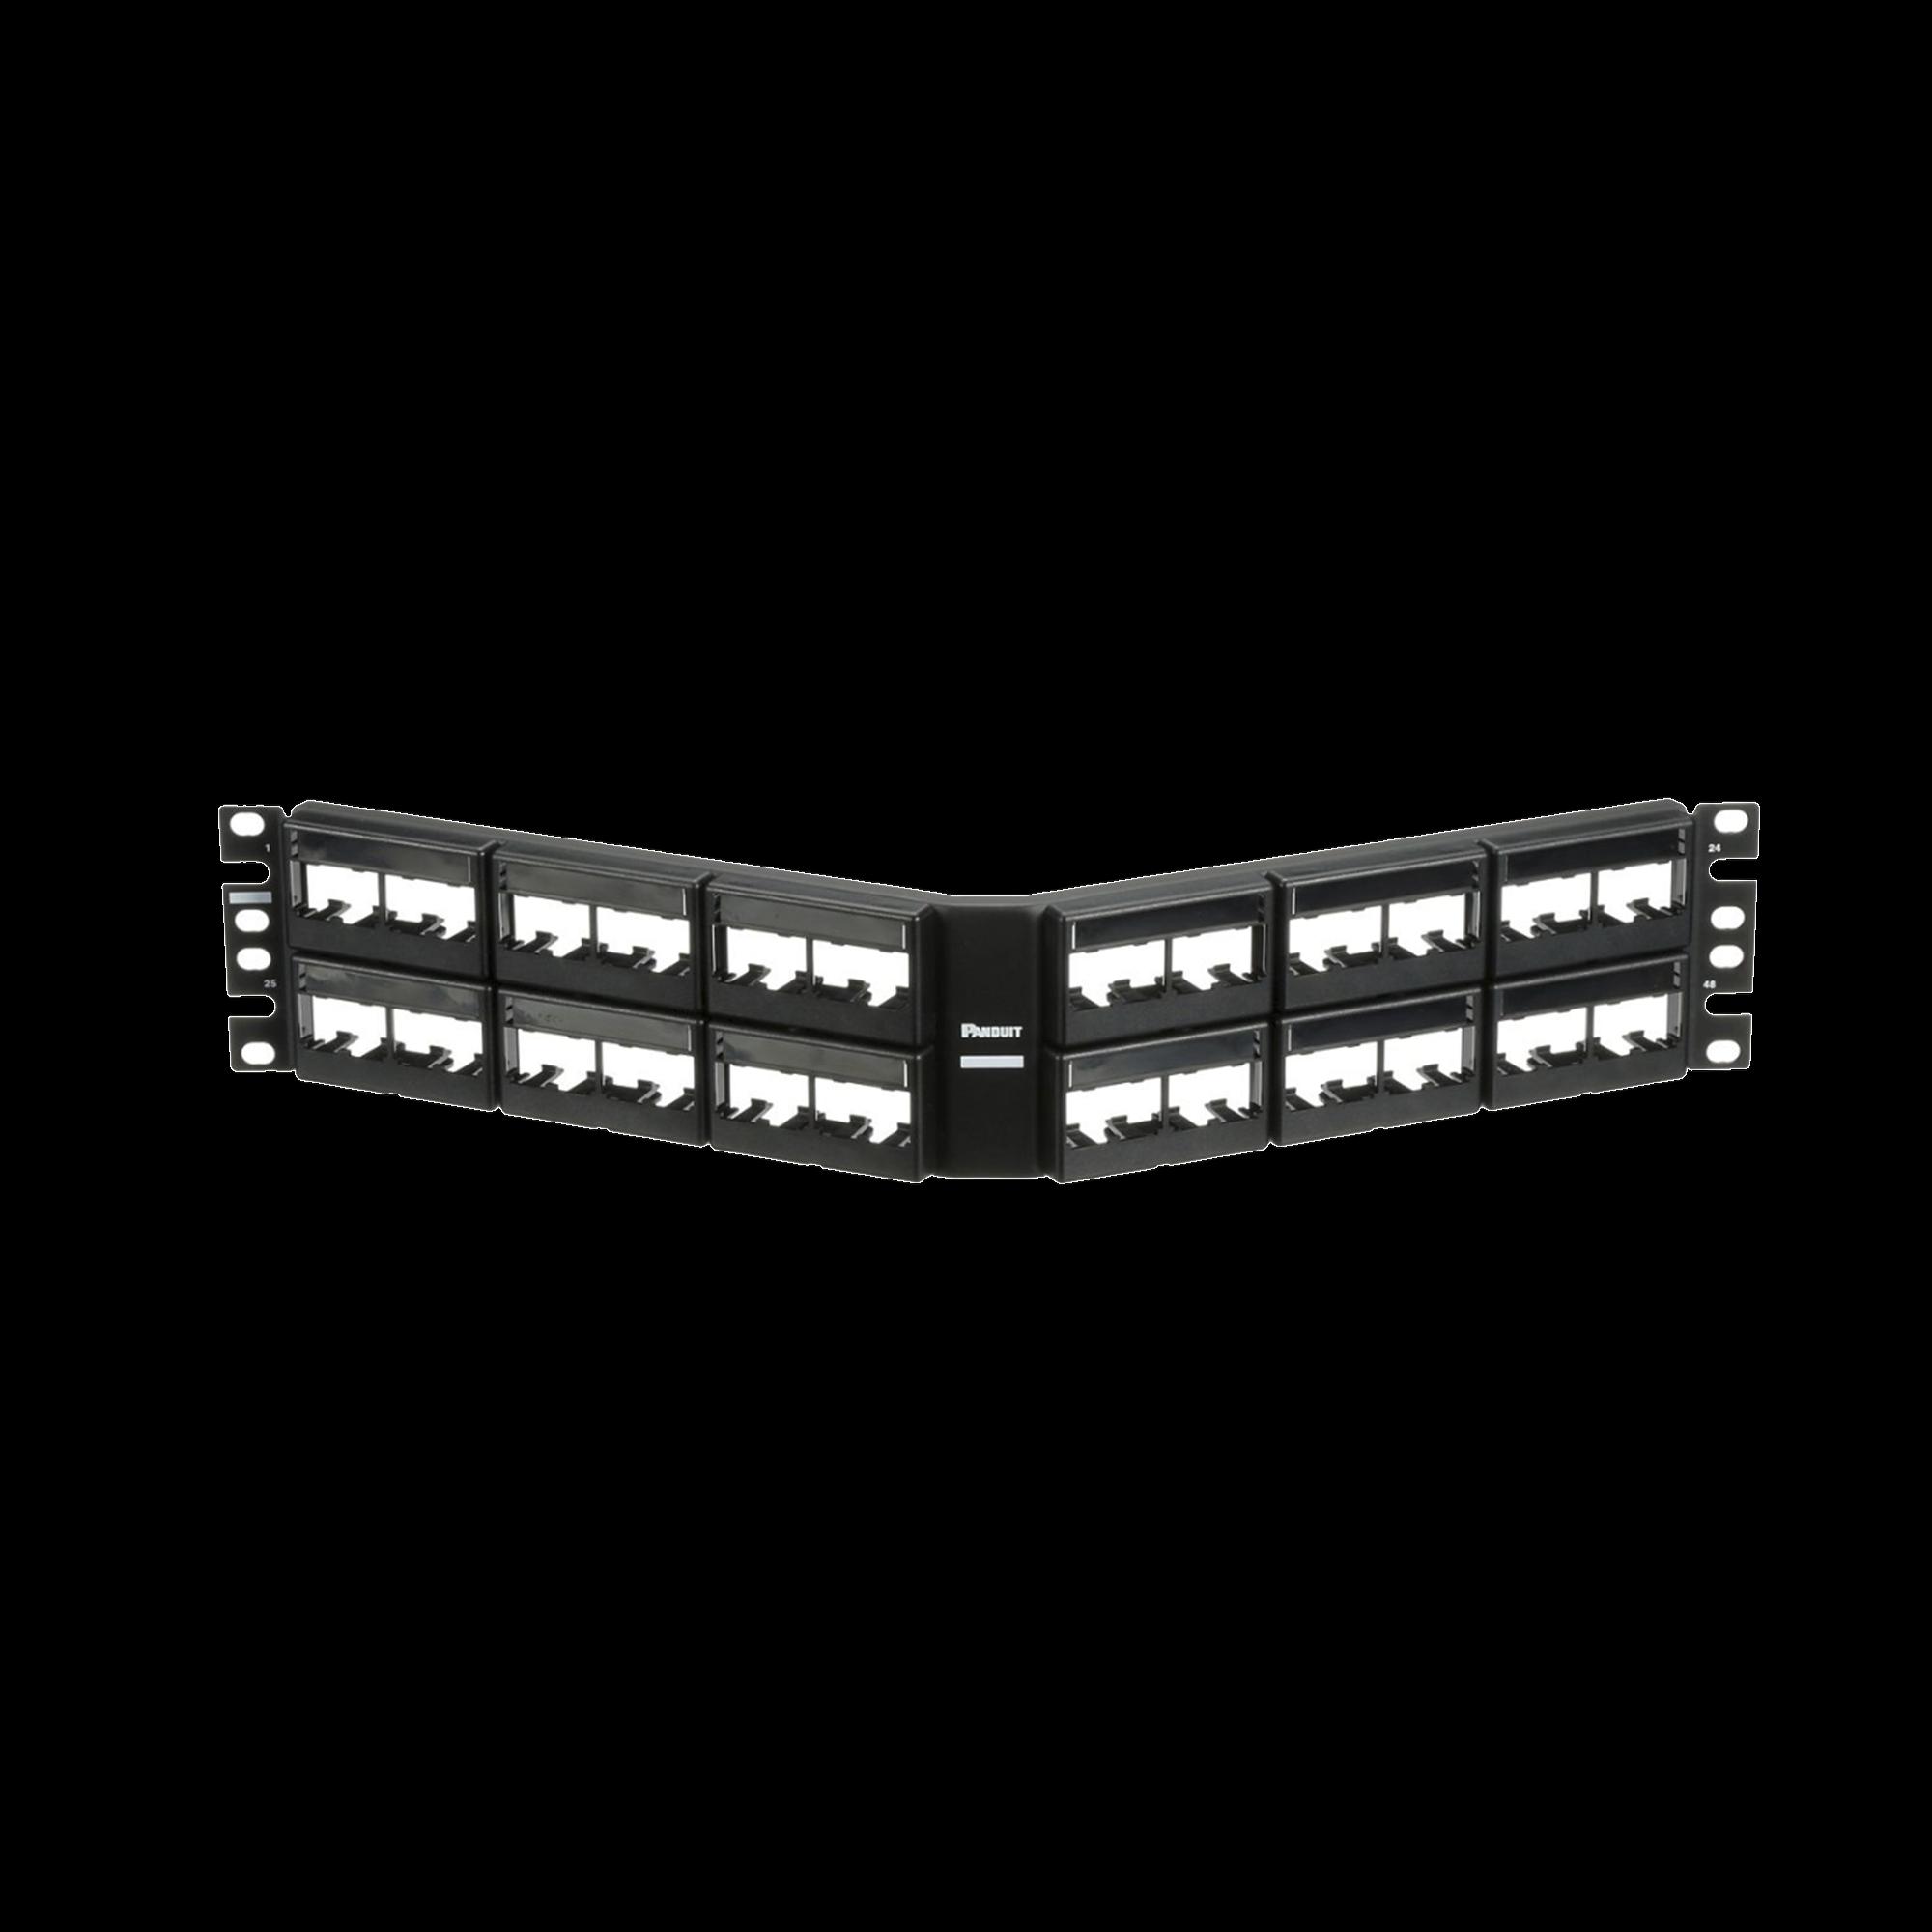 Panel de Parcheo Modular Mini-Com (Sin Conectores), Angulado, Sin Blindaje, Con Etiqueta y Cubierta, de 48 puertos, 2UR